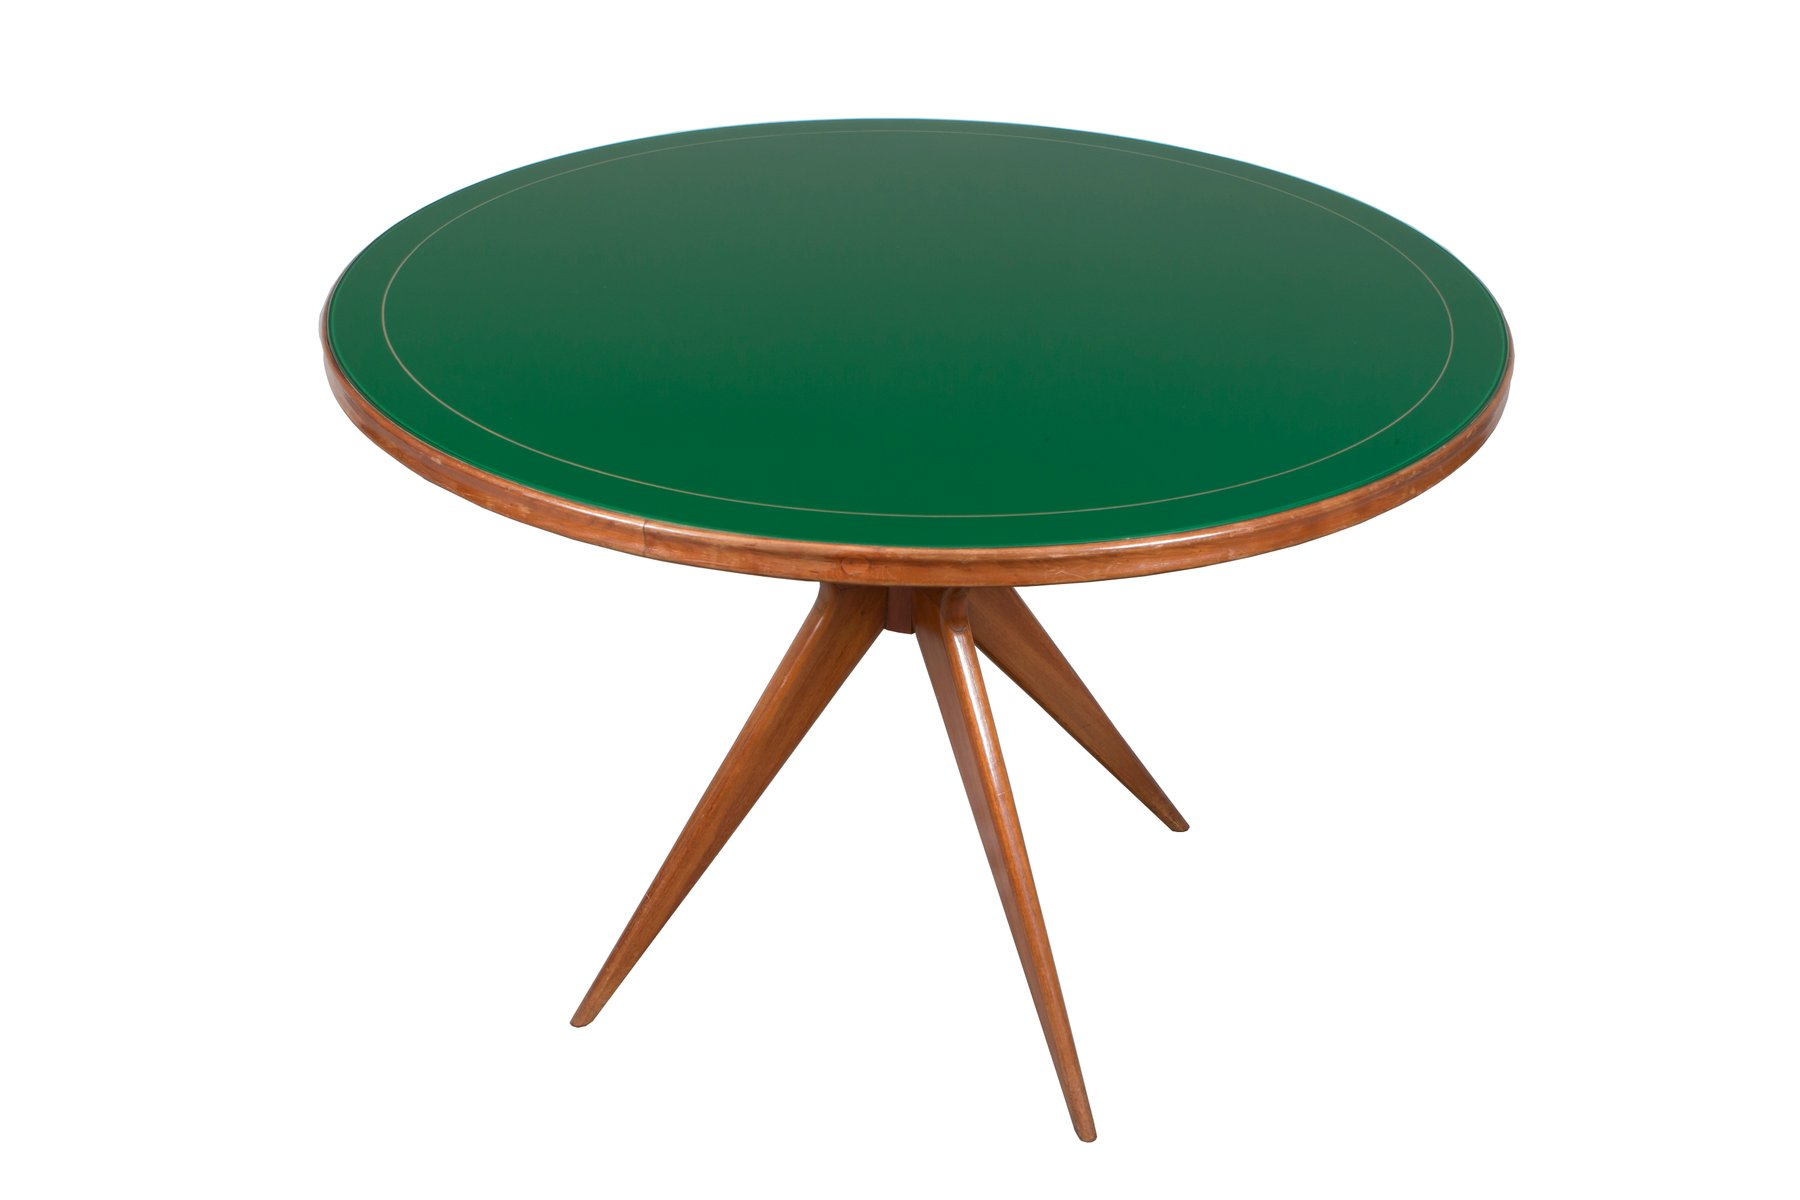 italienischer runder tisch aus gr nglas 1950er bei pamono kaufen. Black Bedroom Furniture Sets. Home Design Ideas